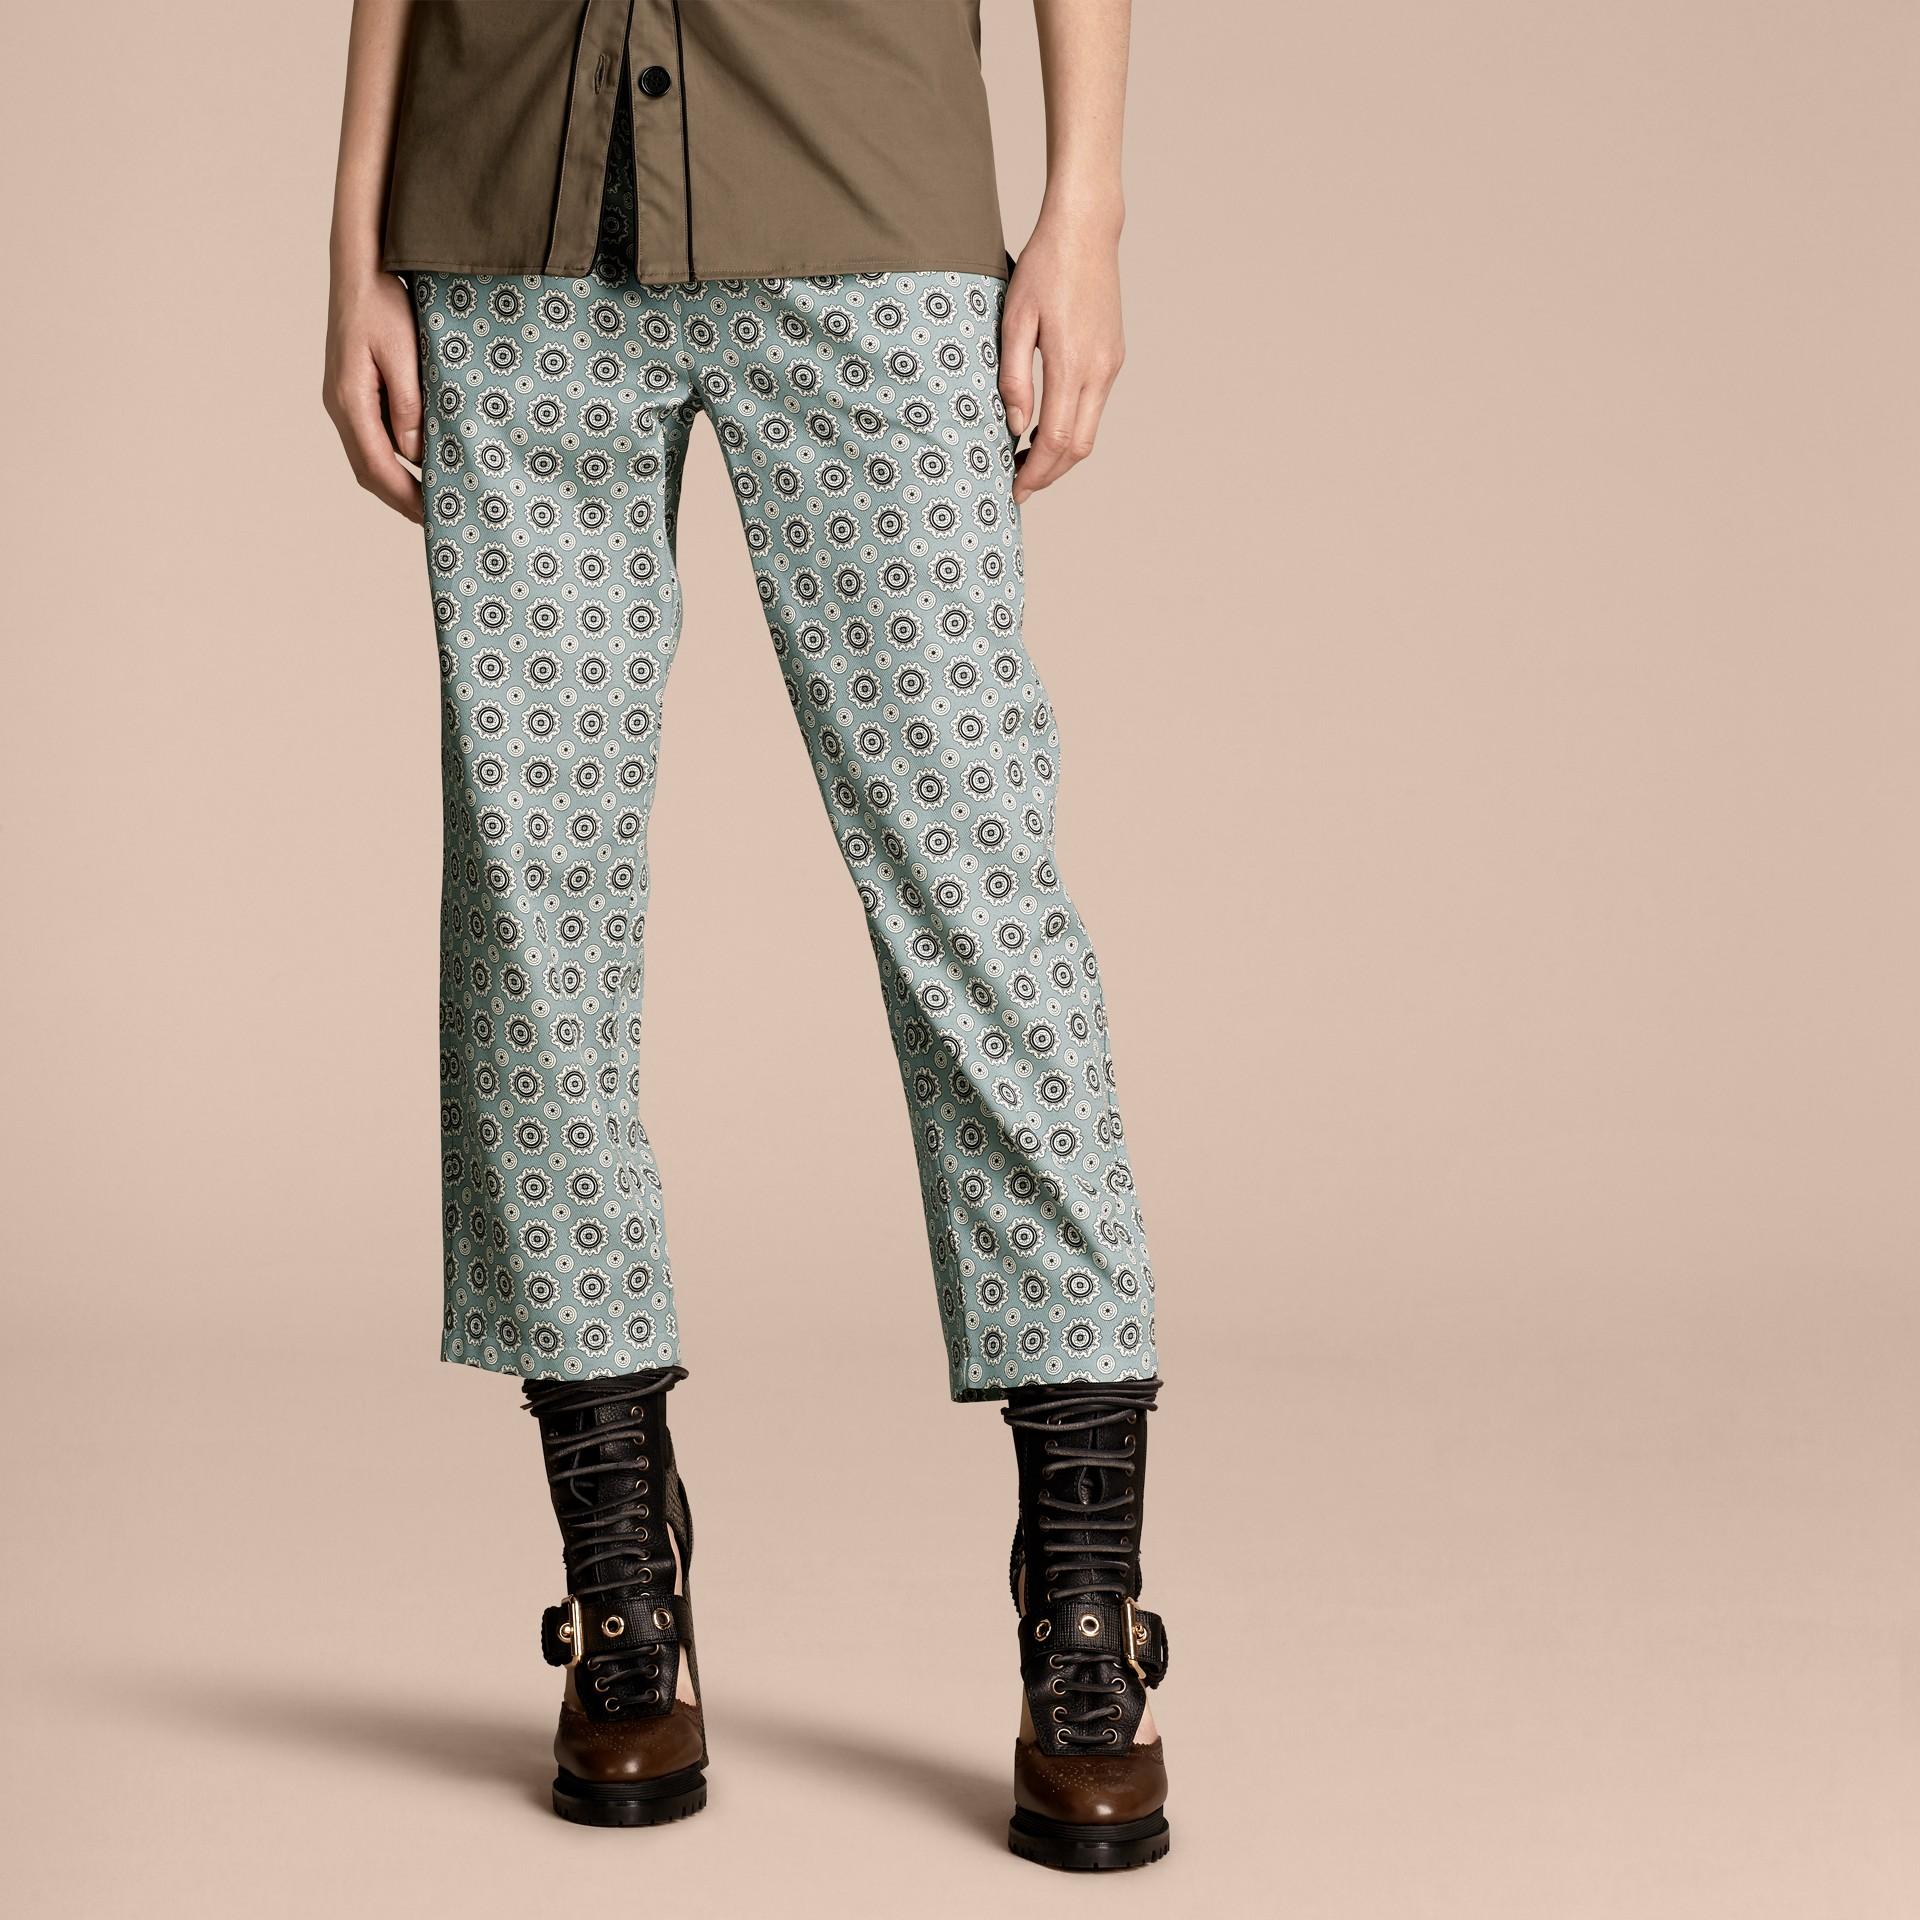 Helles steinblau Hose aus Baumwollseide im Pyjamastil mit kürzerer Beinlänge und Pyjamadruck Helles Steinblau - Galerie-Bild 1